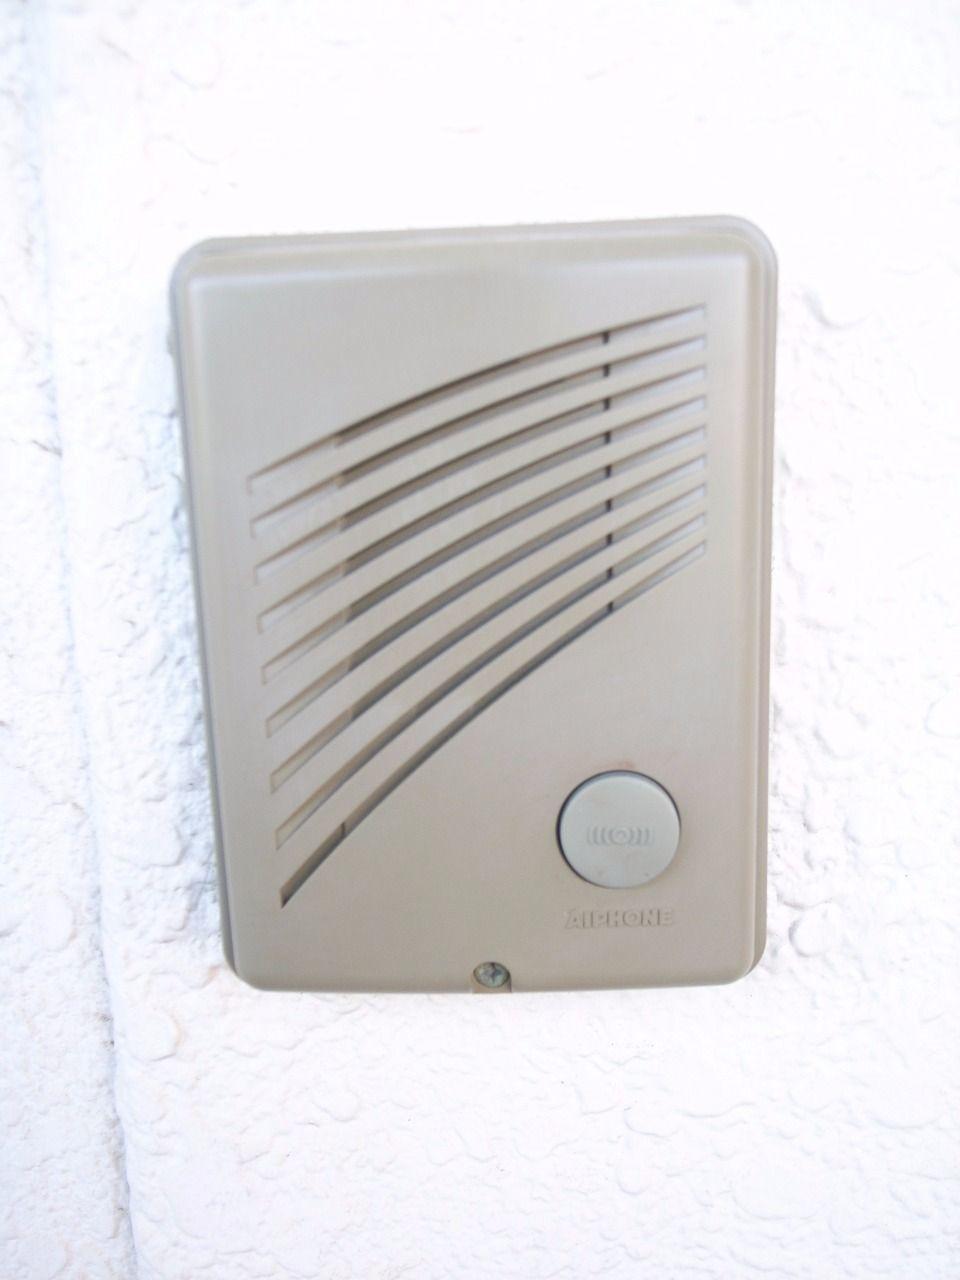 住戸内から音声より来訪者を確認できます